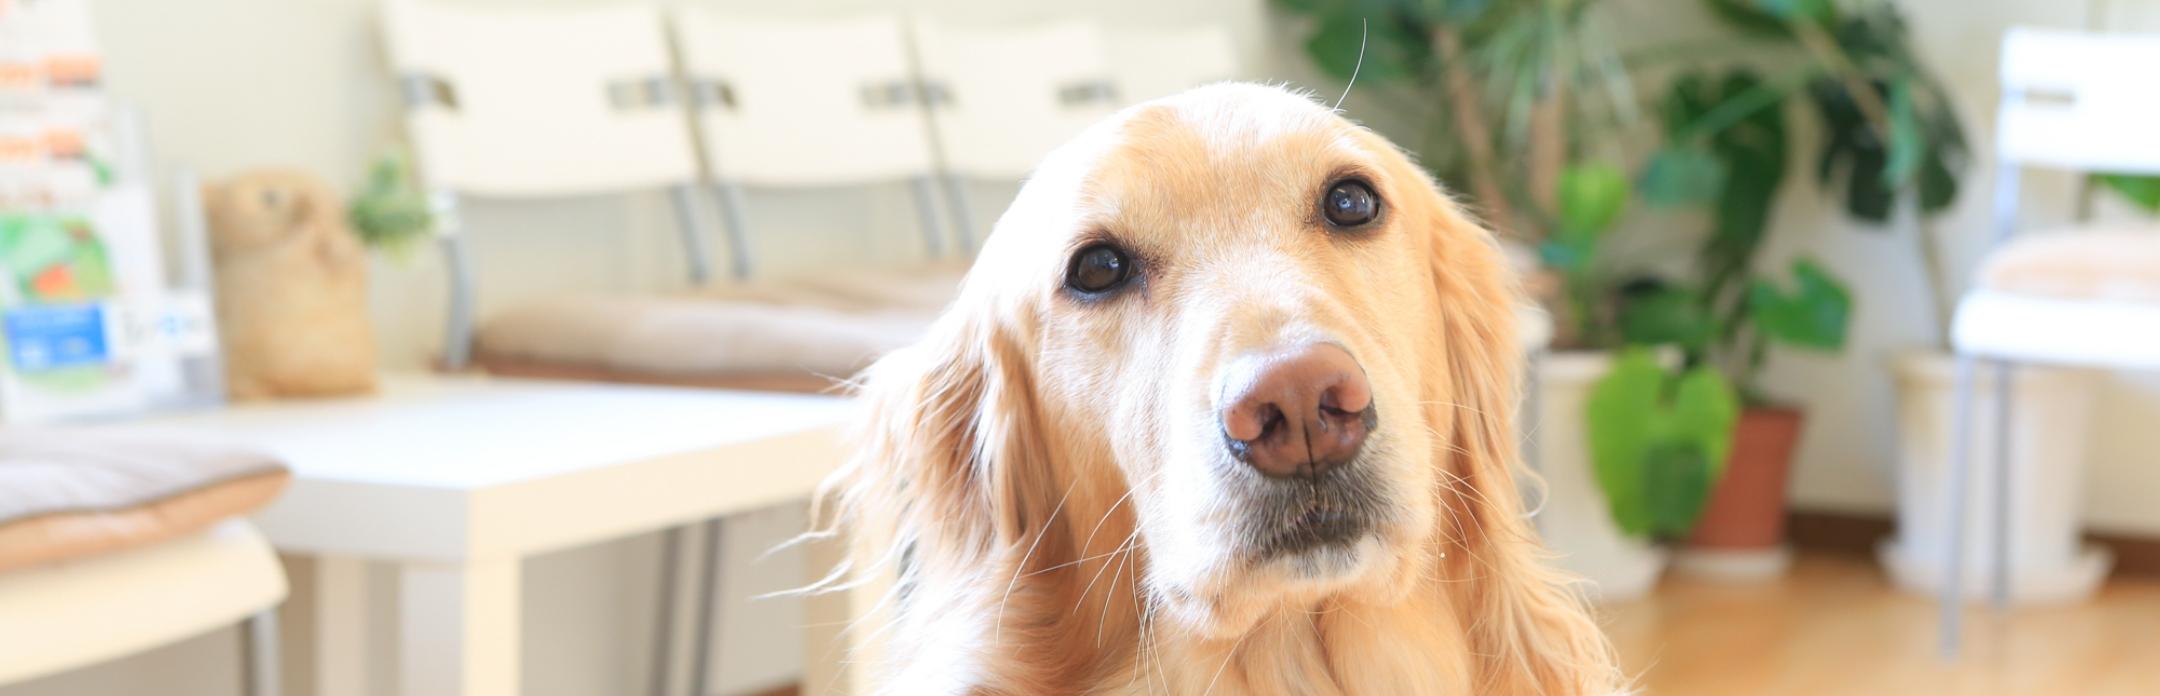 症状を正確に把握するため、一番近くで暮らしている飼い主さんの意見が大切です。